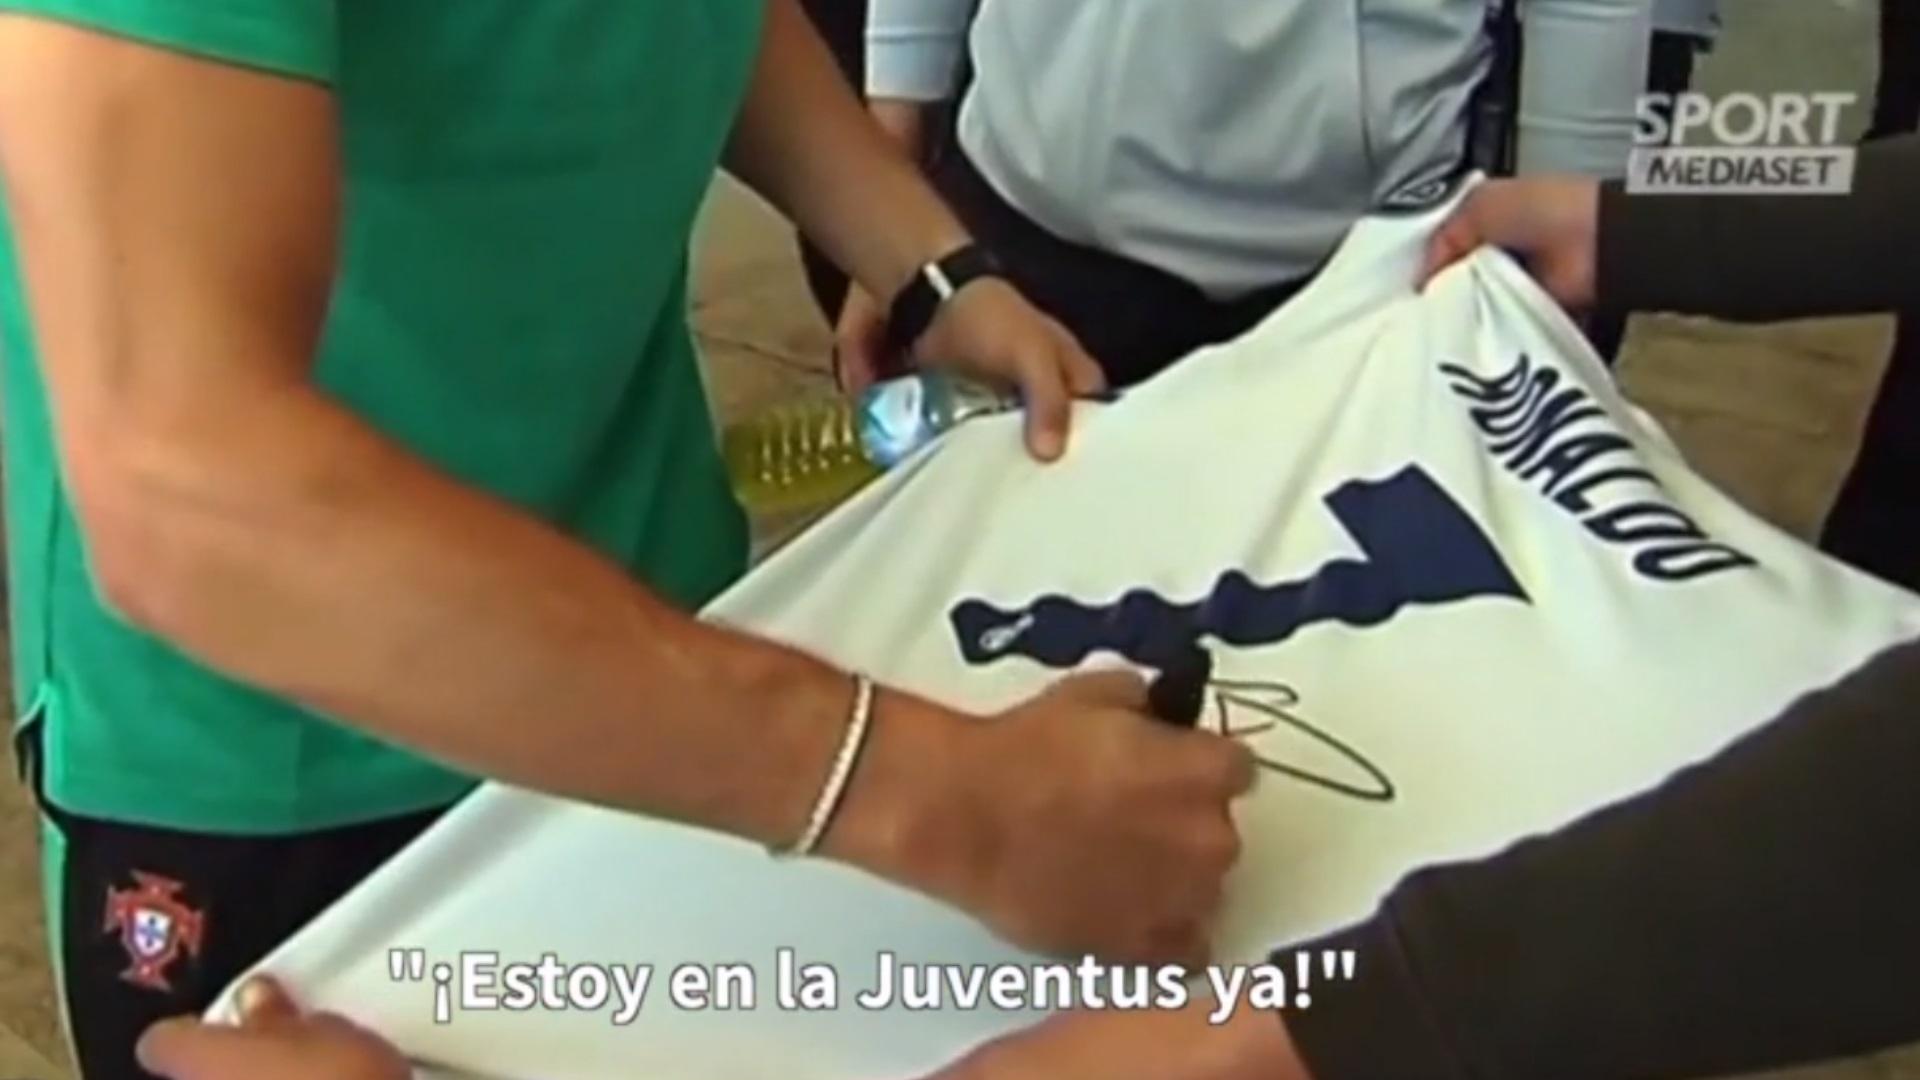 277a9916e6e Cristiano Ronaldo camisa Real Madrid autógrafo